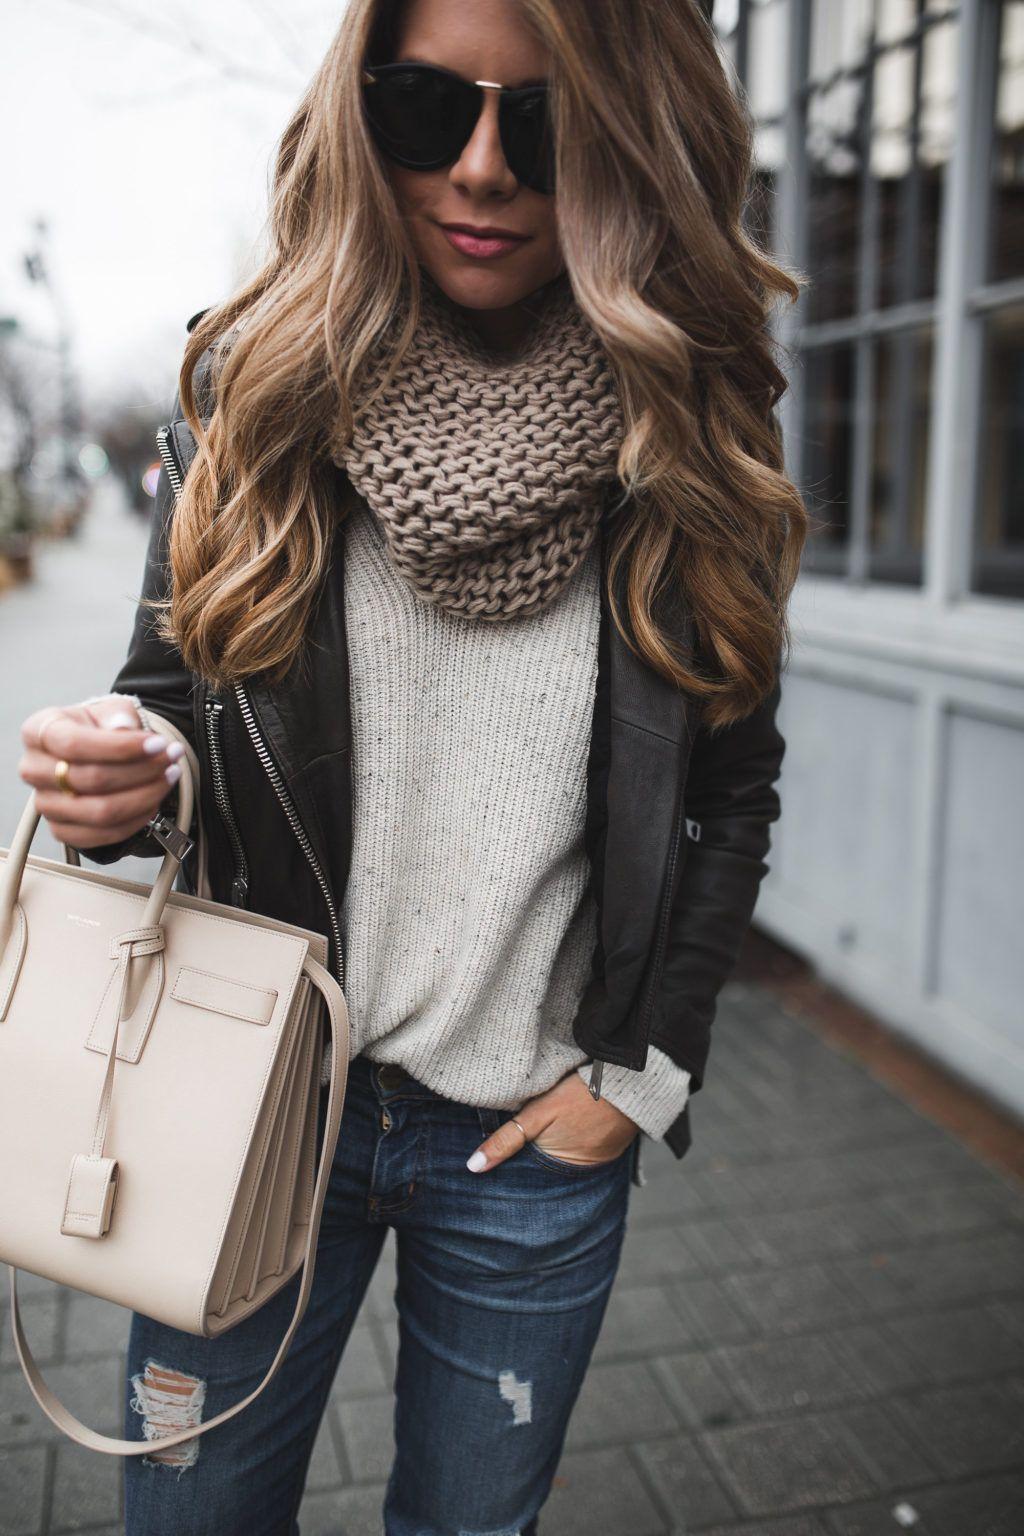 Best Coats Fall-Winter 2019